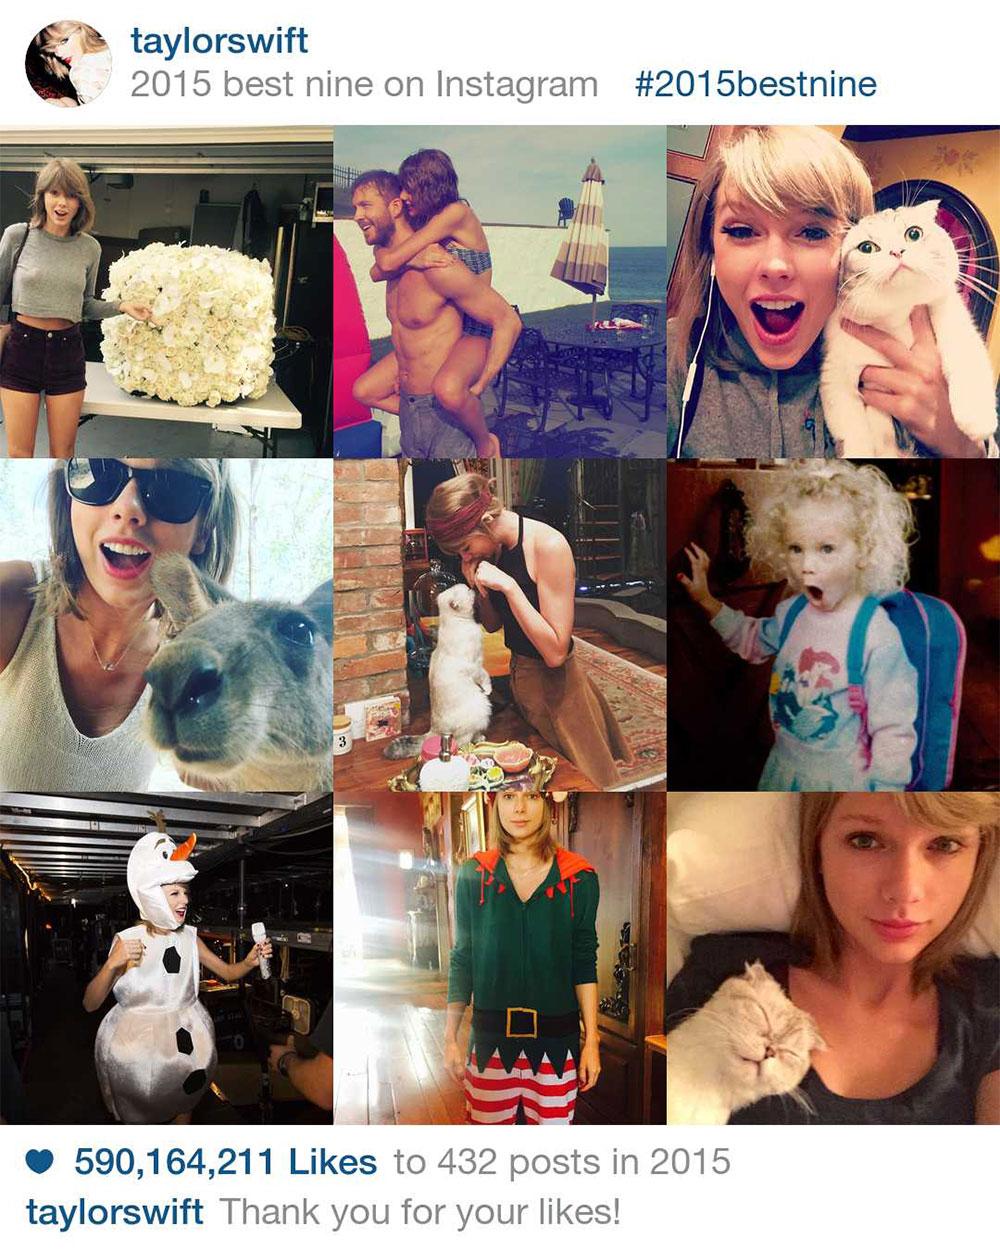 Taylor Swift's Best Nine on Instagram